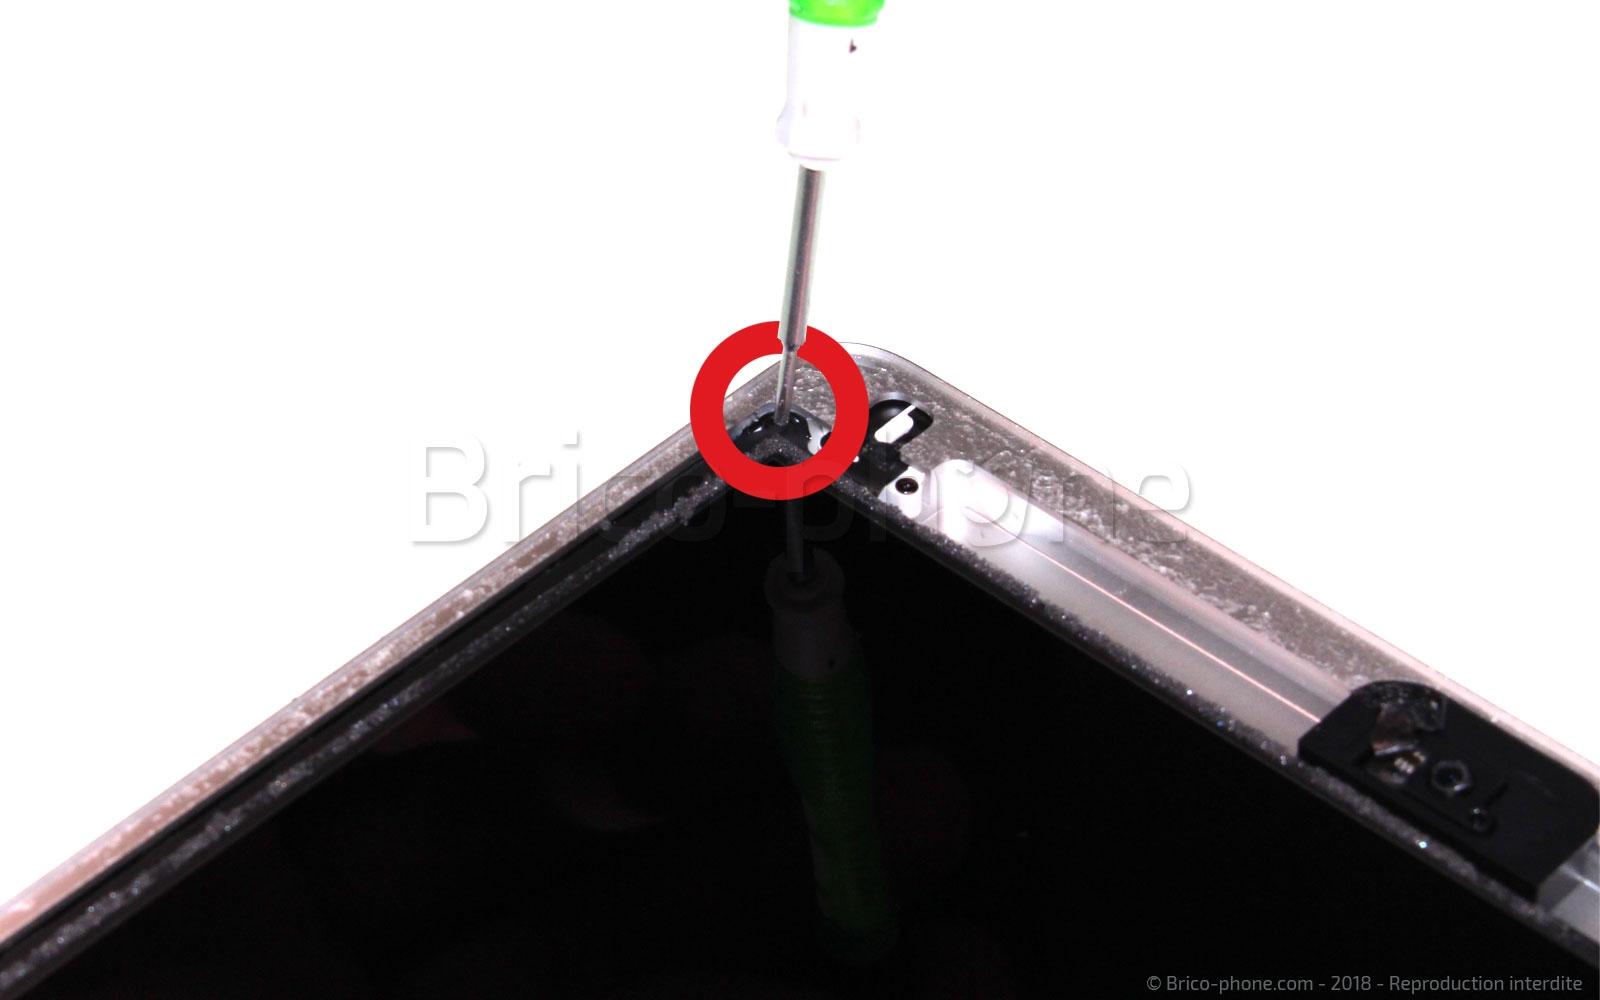 Etape 5 : Dévisser l'écran LCD